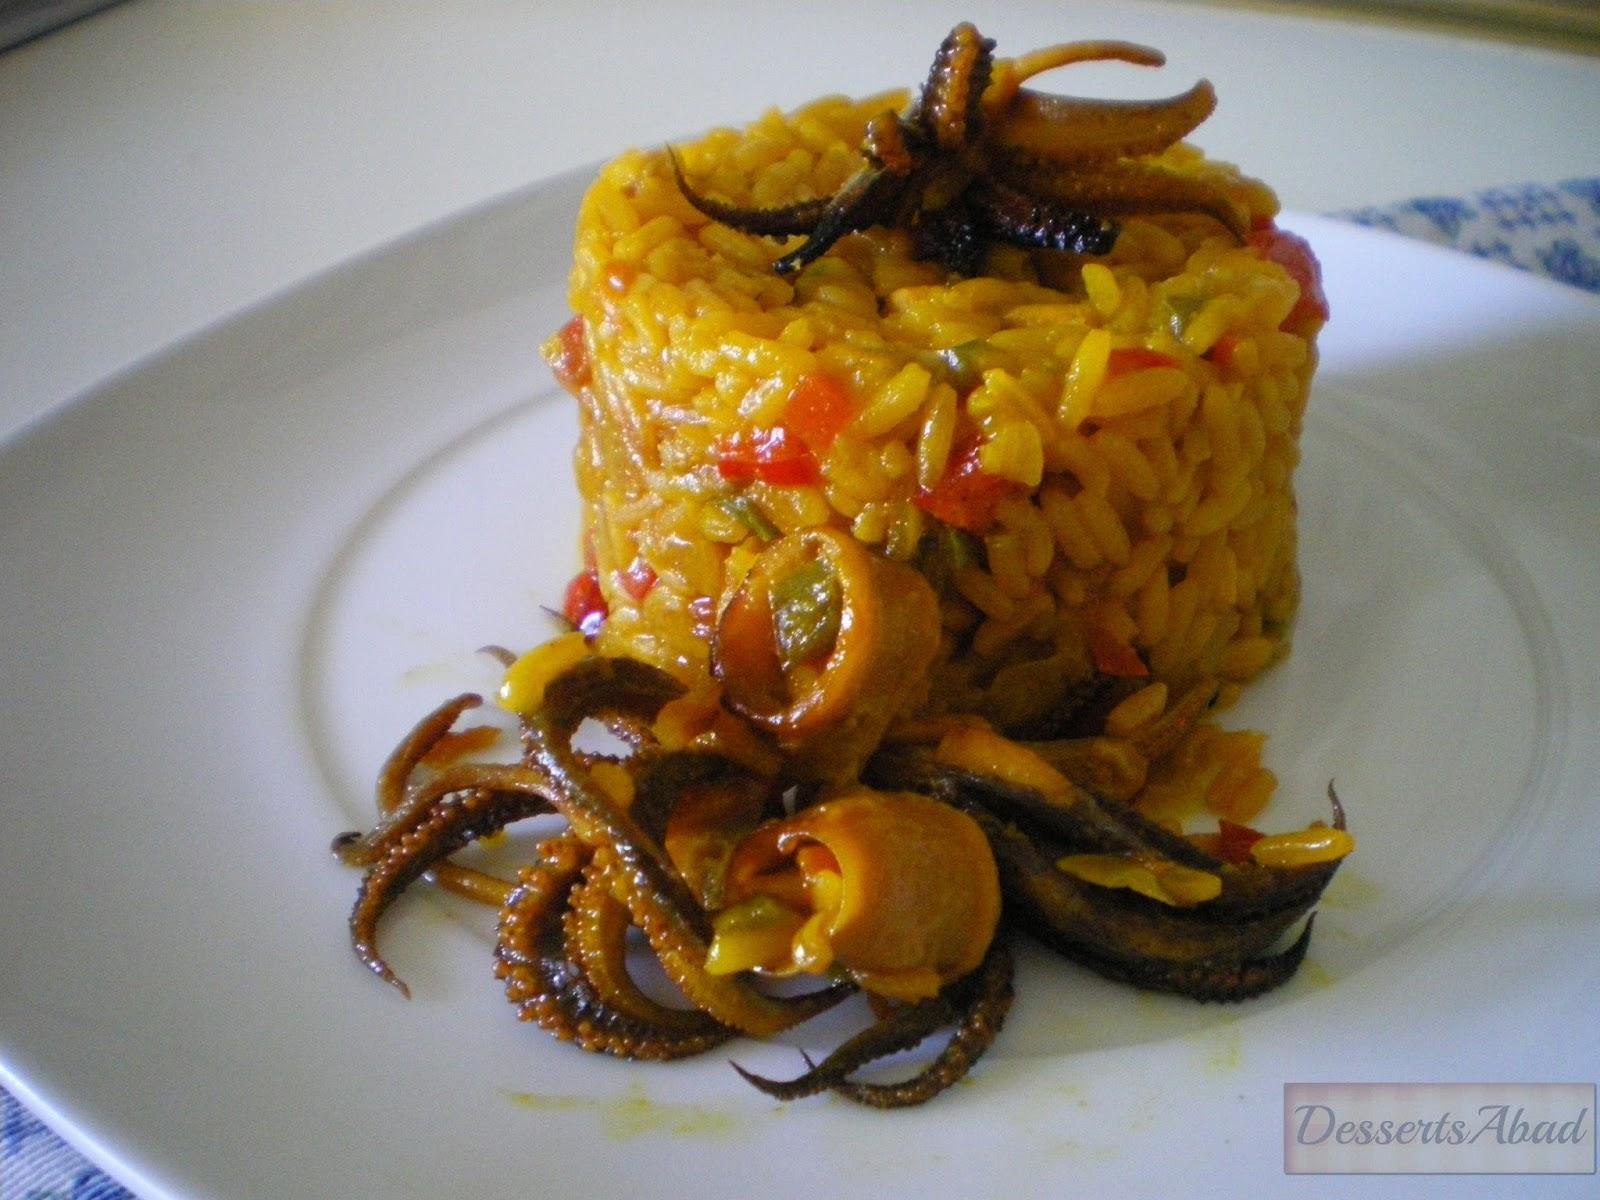 Arroz con calamares paperblog for Cocinar calamares pequenos